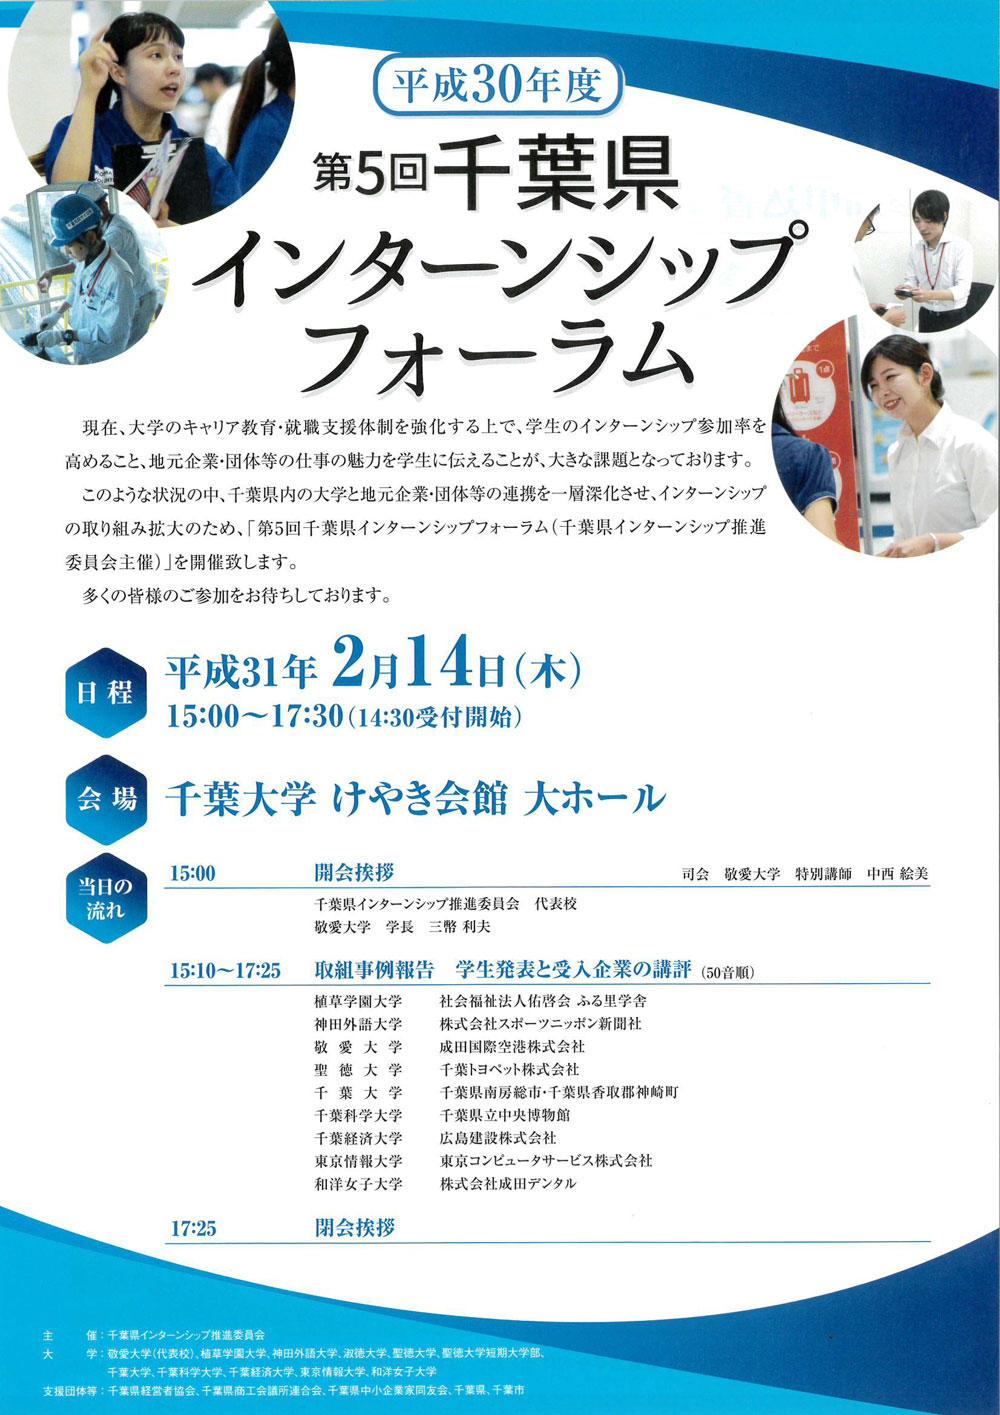 敬愛大学が2月14日に「第5回千葉県インターンシップフォーラム」を開催 -- 国際学部の学生が実務体験とこれからの活動についてプレゼン